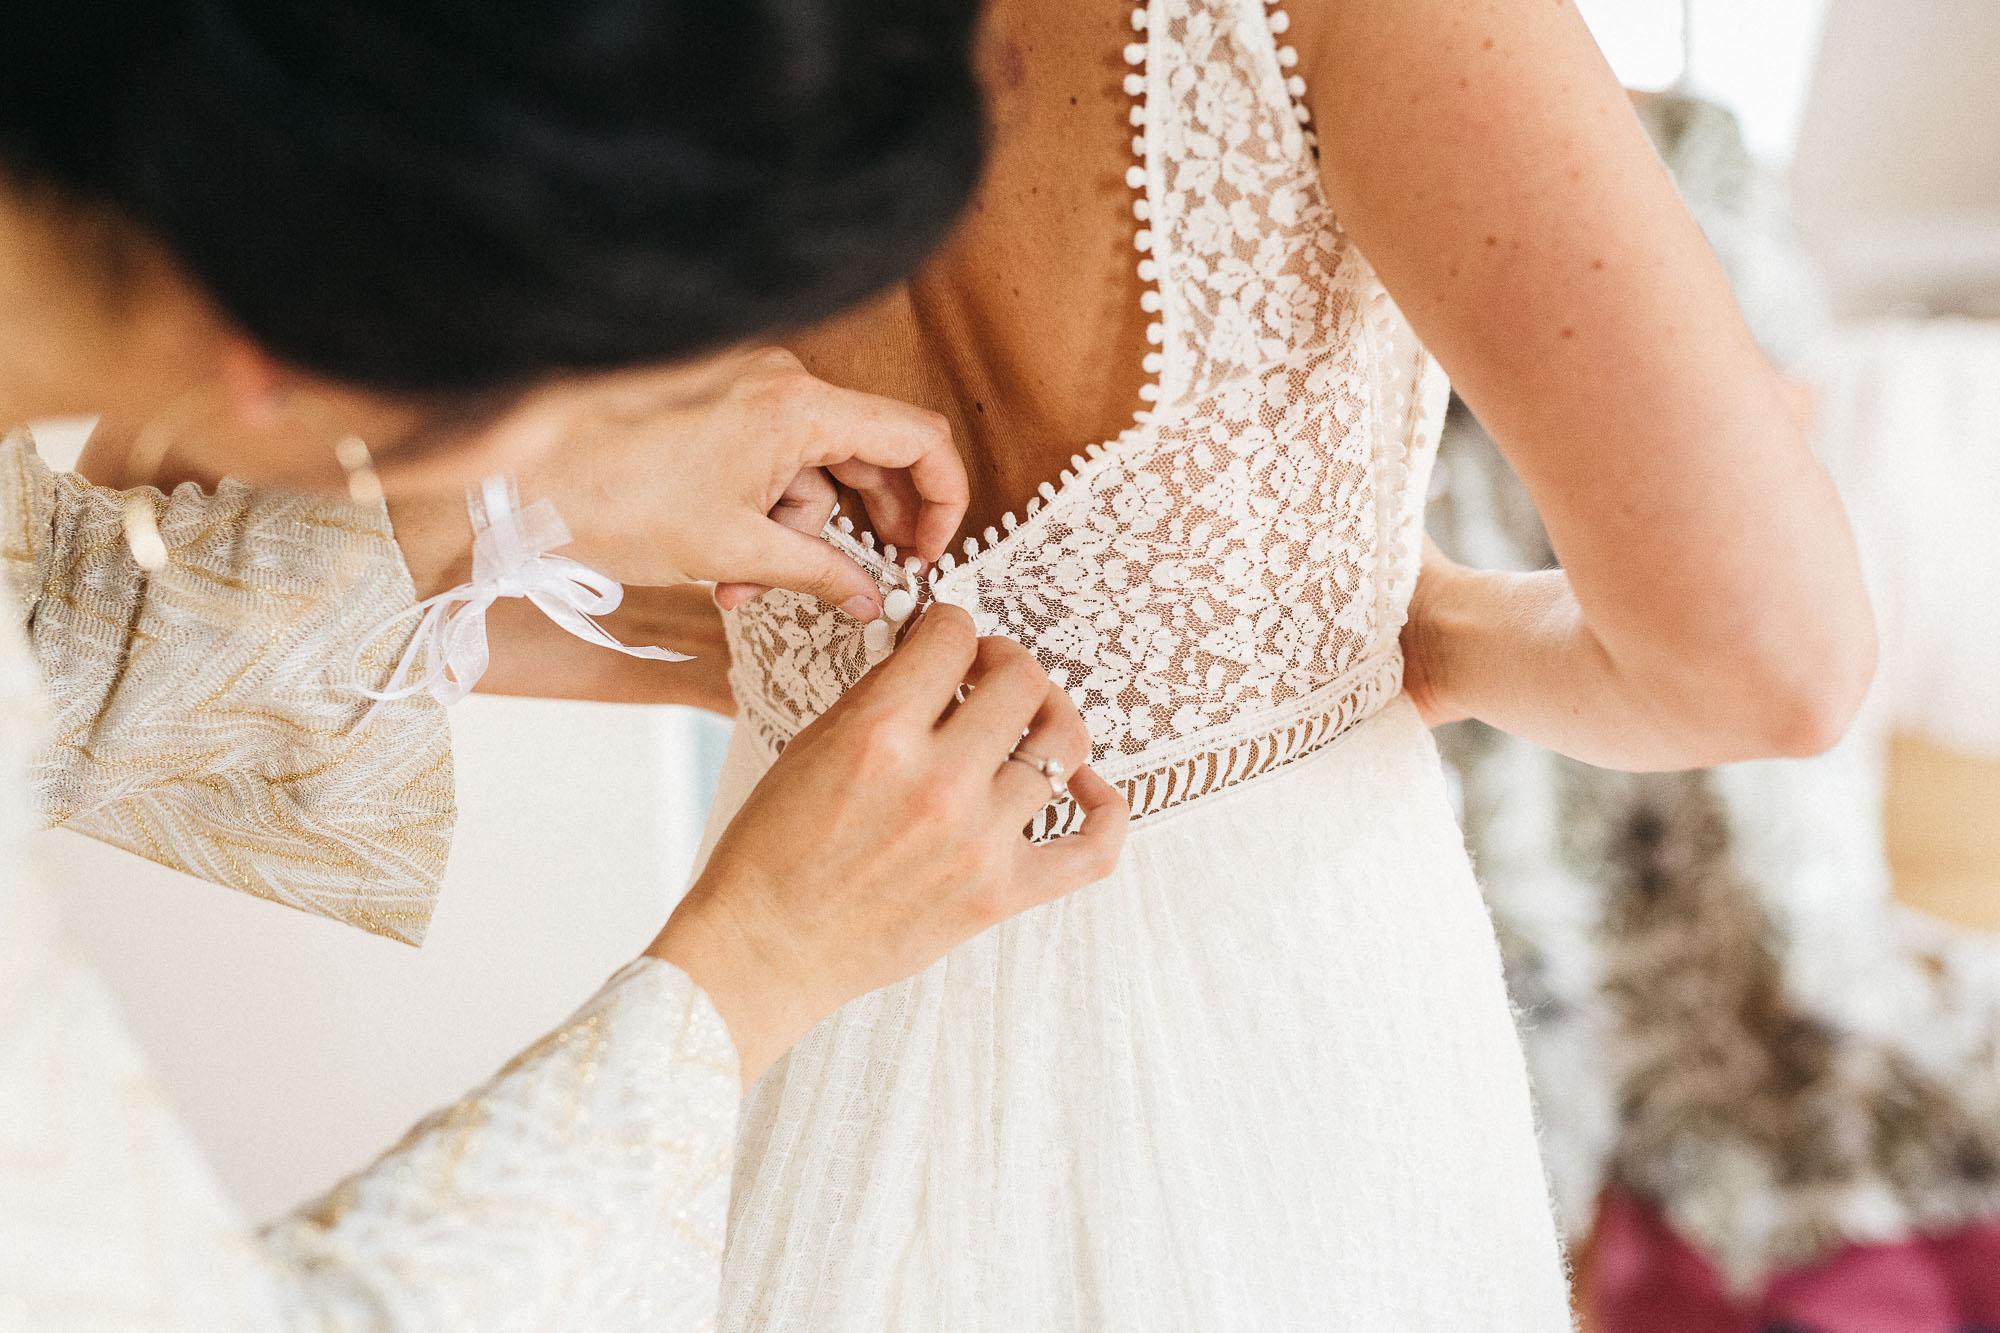 raissa simon photography wedding mosel kloster machern love authentic 032 - Kathrin + Dominik